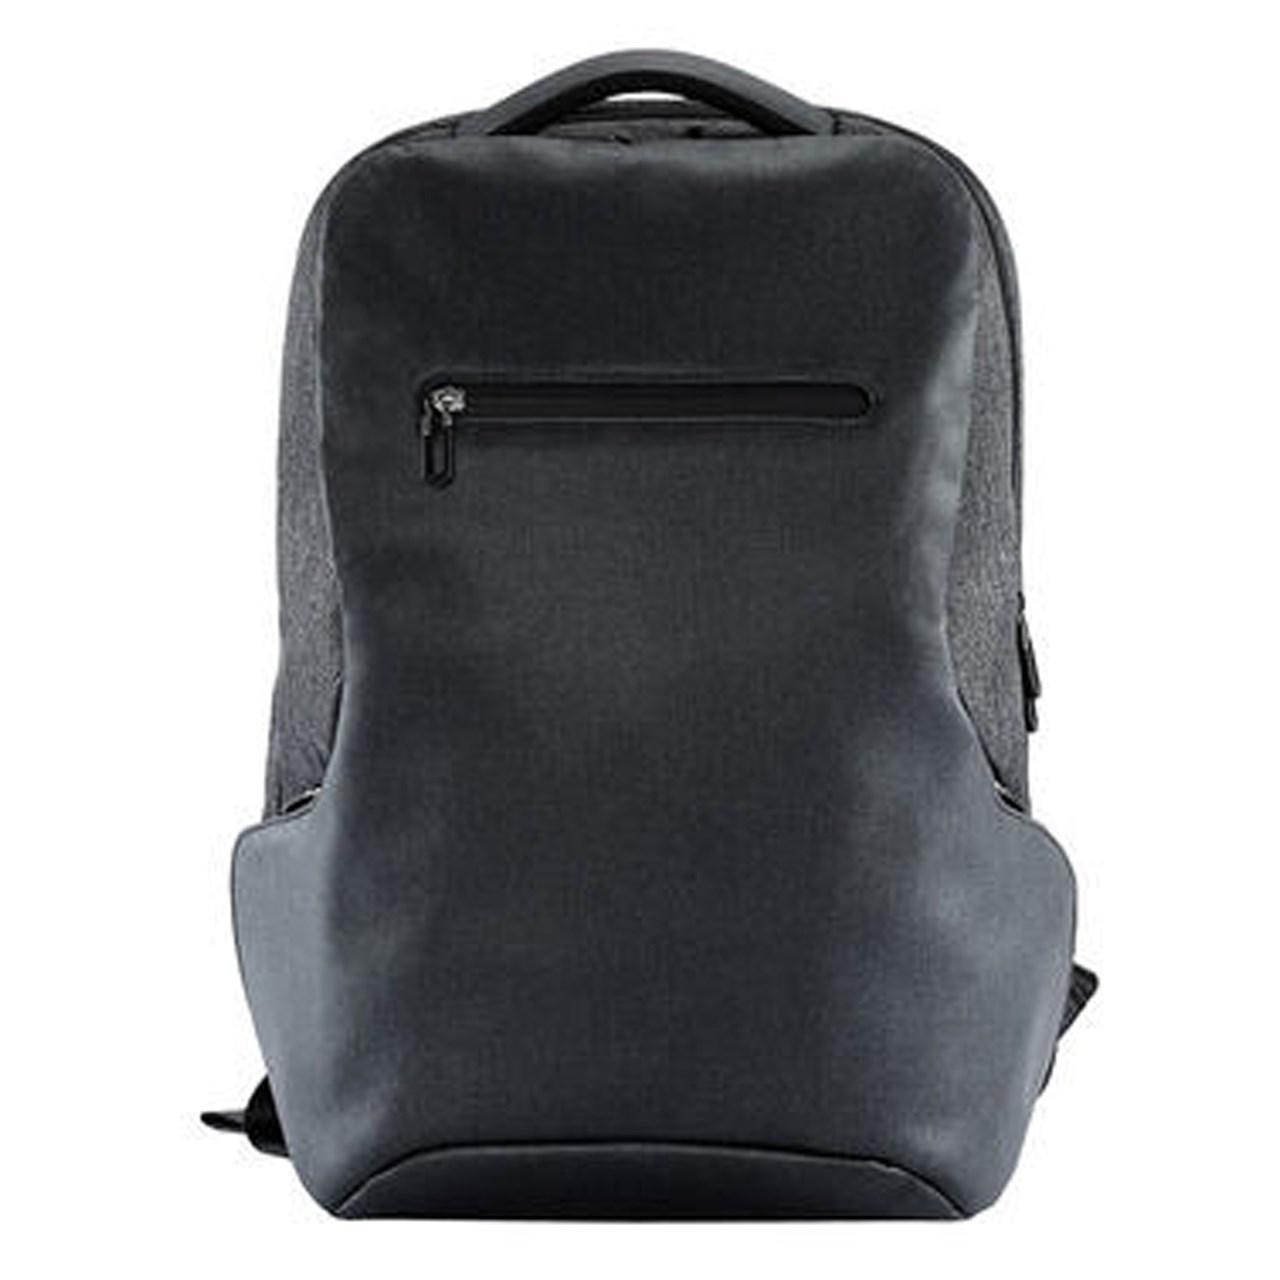 کوله پشتی شیائومی مدل Business Travel مناسب برای لپ تاپ ۱۵.۶ اینچی